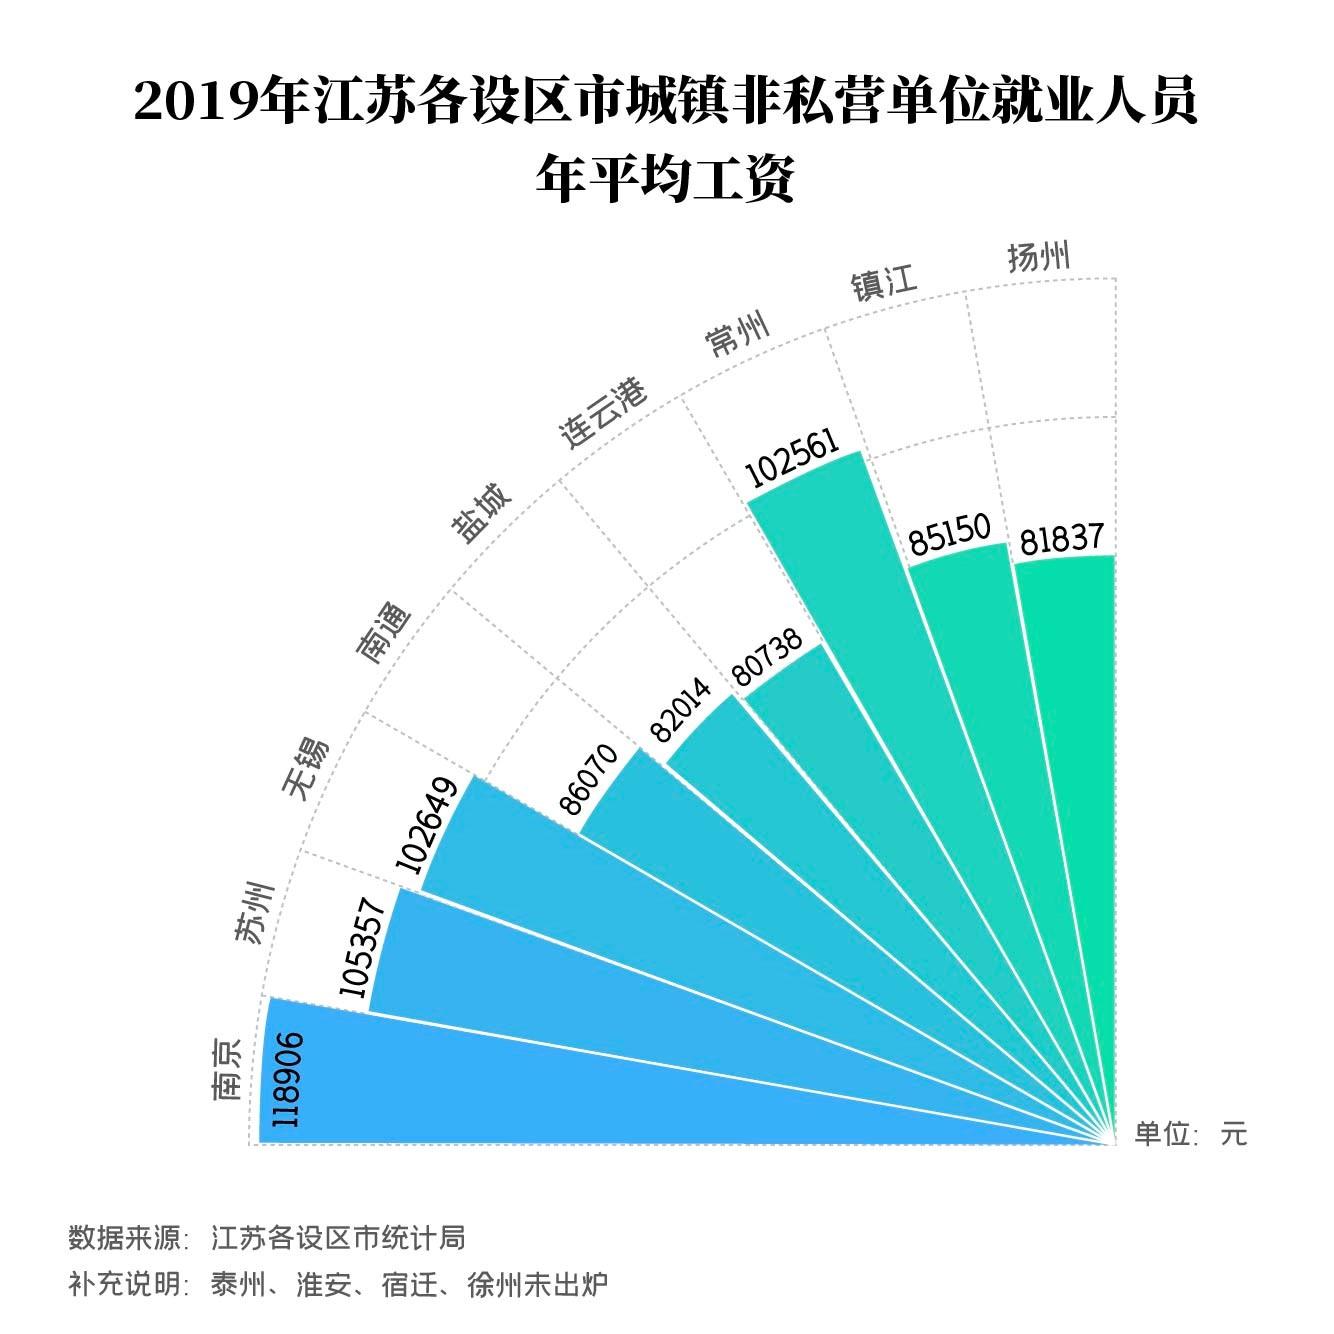 徐州人均收入_徐州收入证明带公章